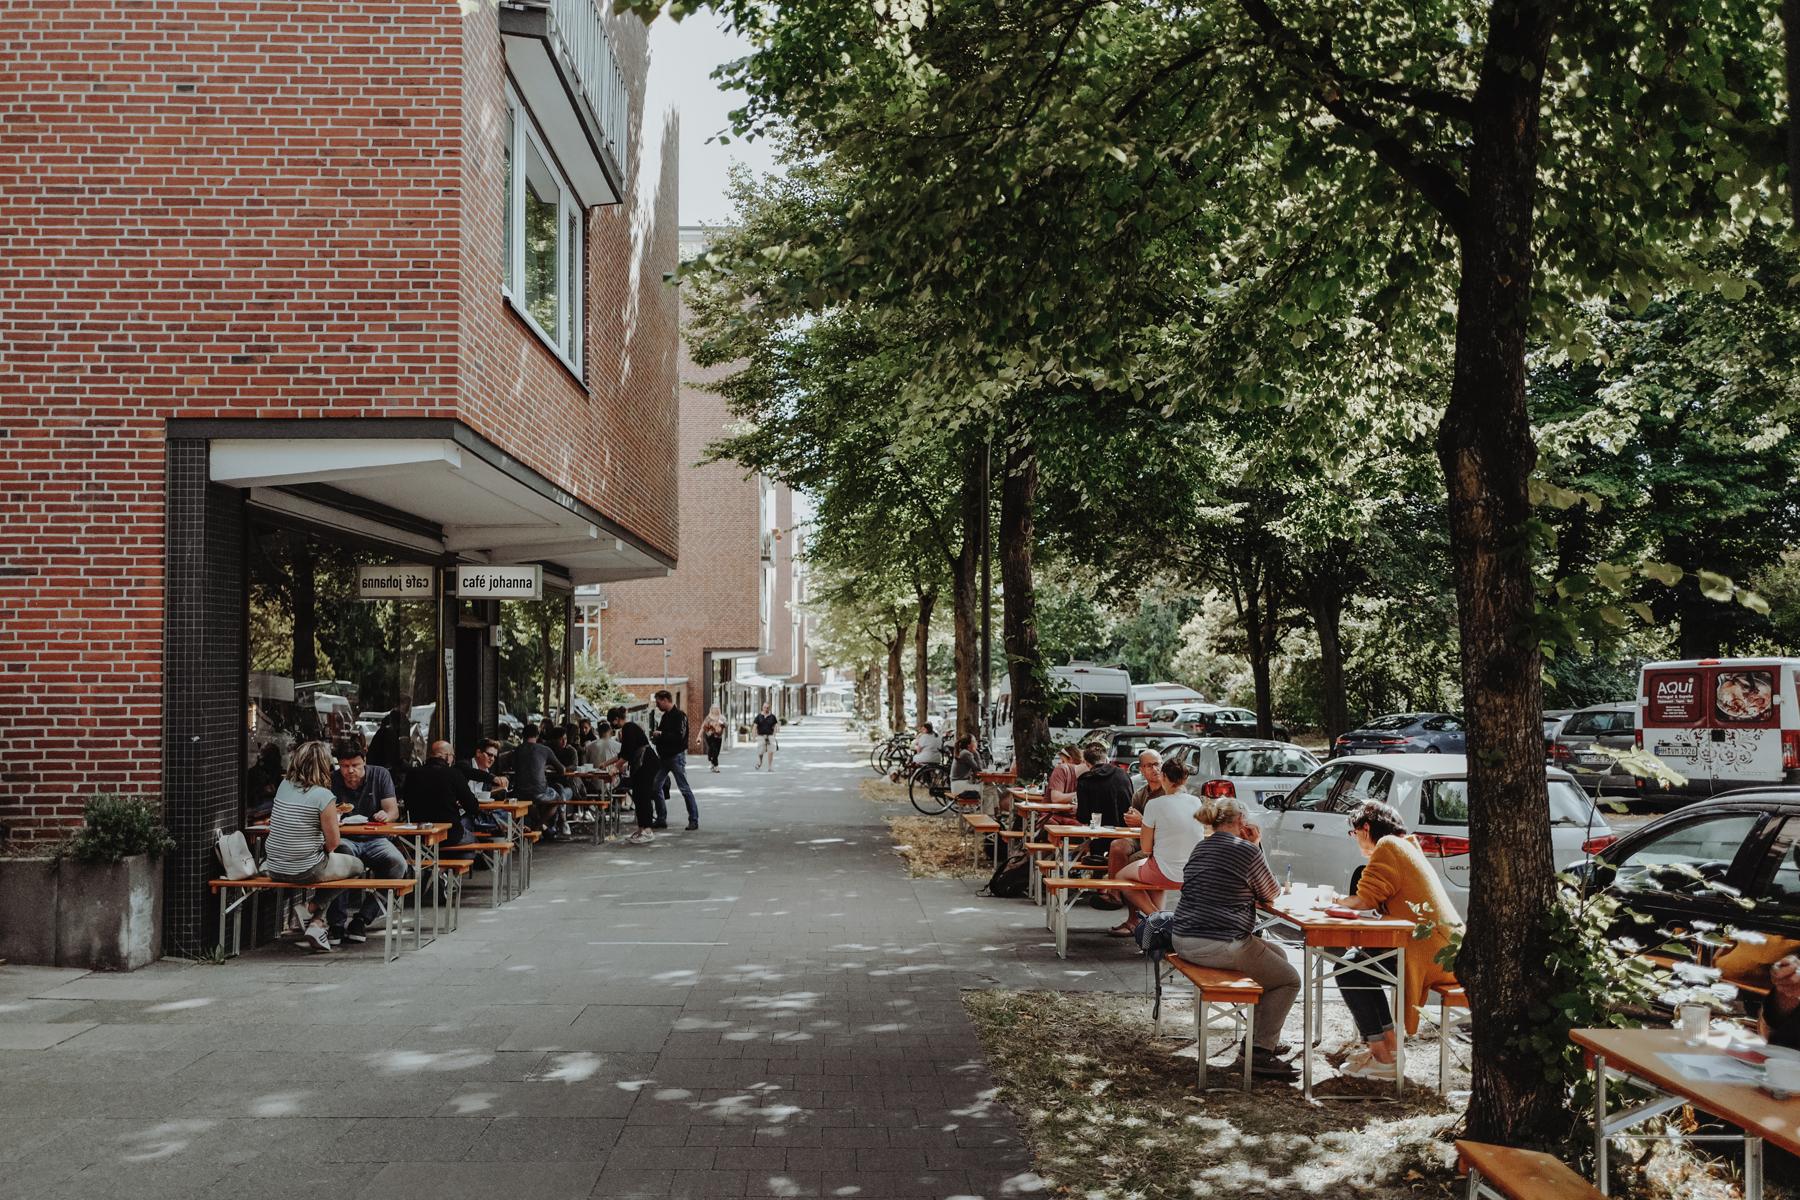 Die Terrasse vorm Café lädt zum Verweilen ein.